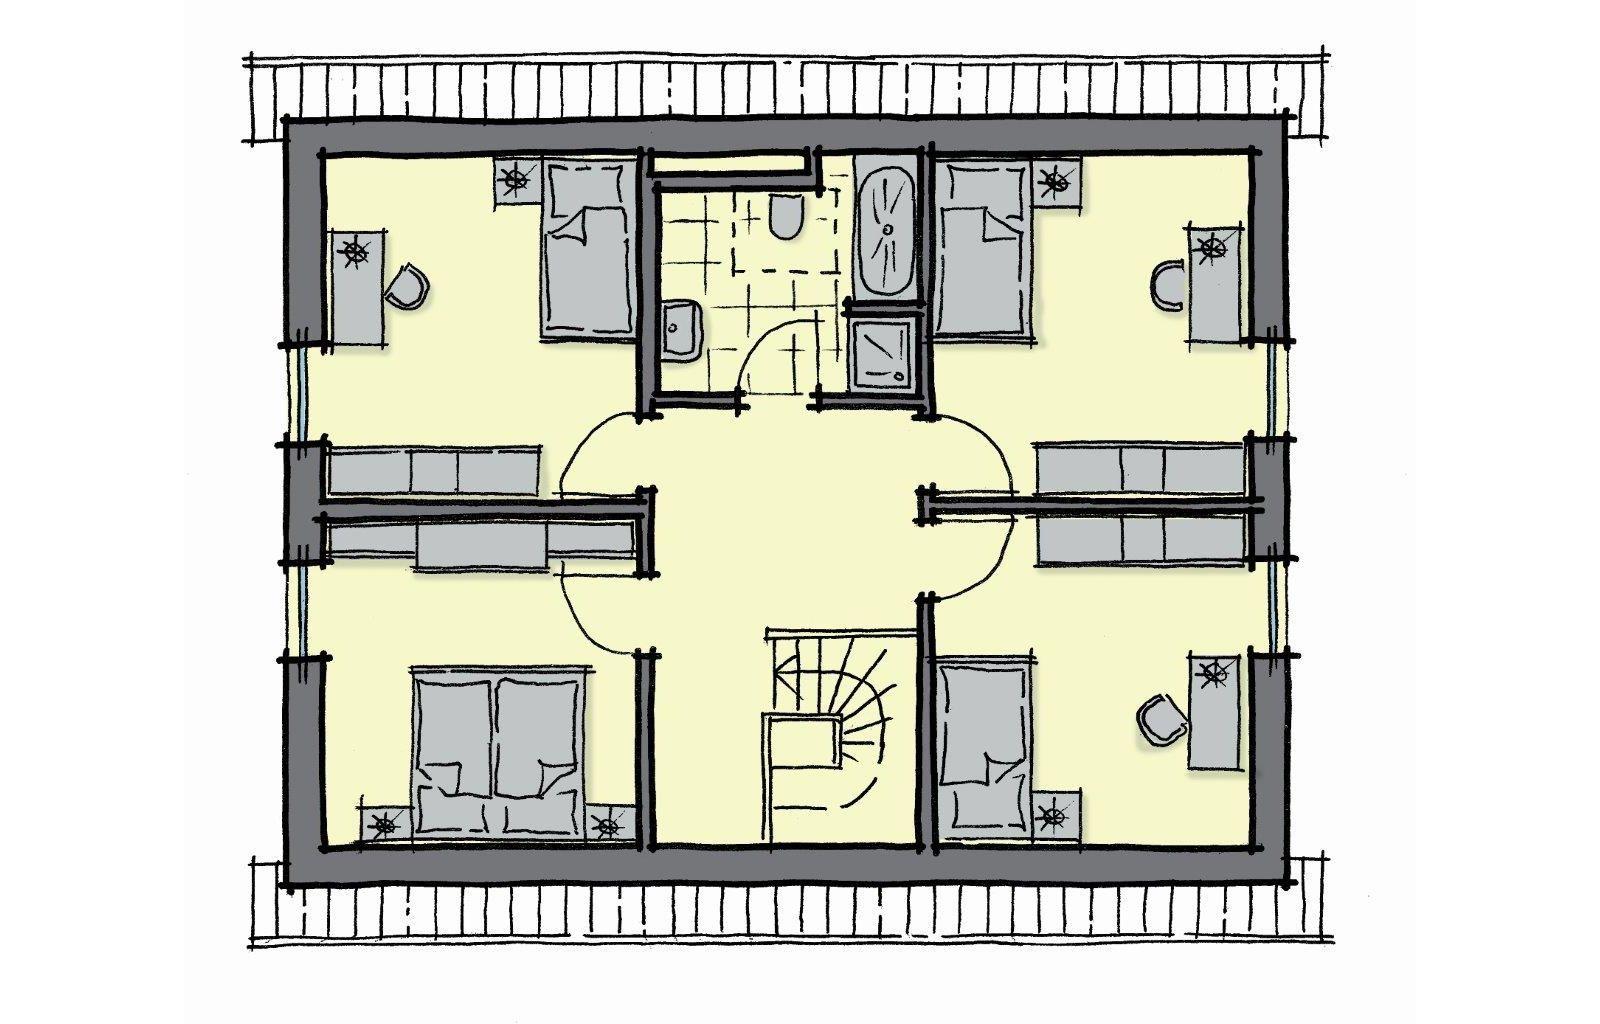 Dachgeschoss Grundriss Einfamilienhaus mit Satteldach Architektur, 3 ...